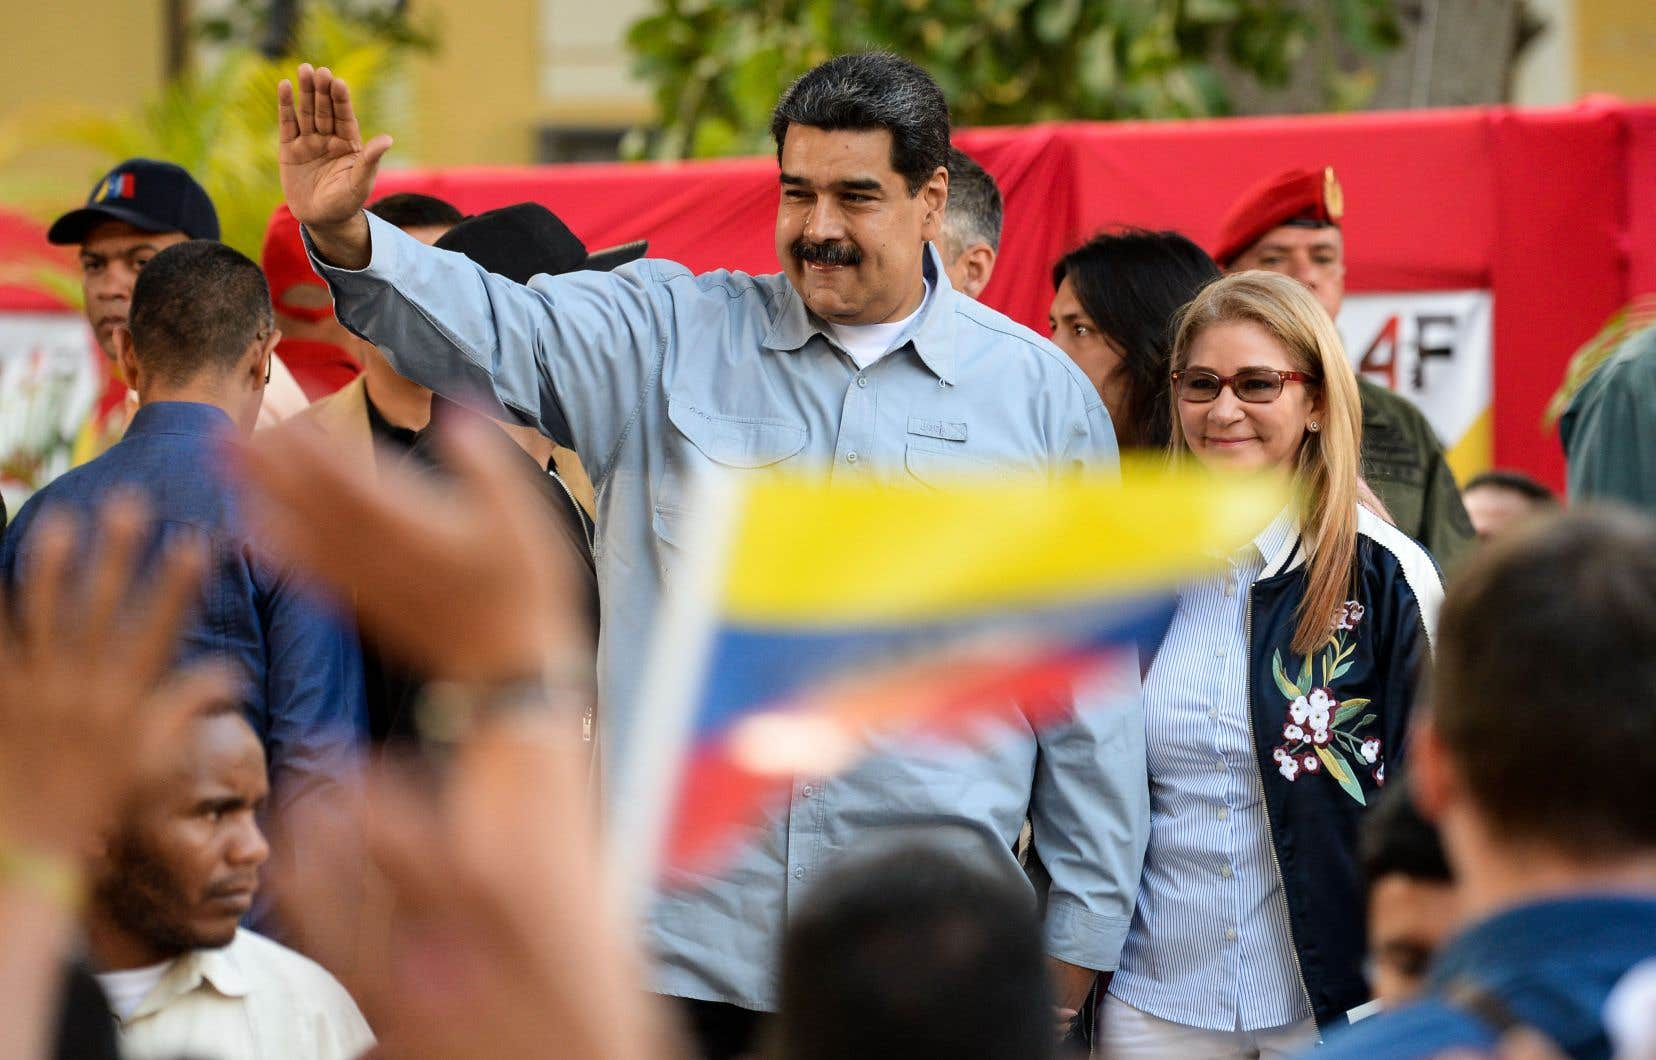 """«Nous allons continuer à demander des comptes à l'ensemble du régime Maduro jusqu'à ce que la """"libertad"""" soit rétablie au Venezuela», a martelé le vice-président Mike Pence."""